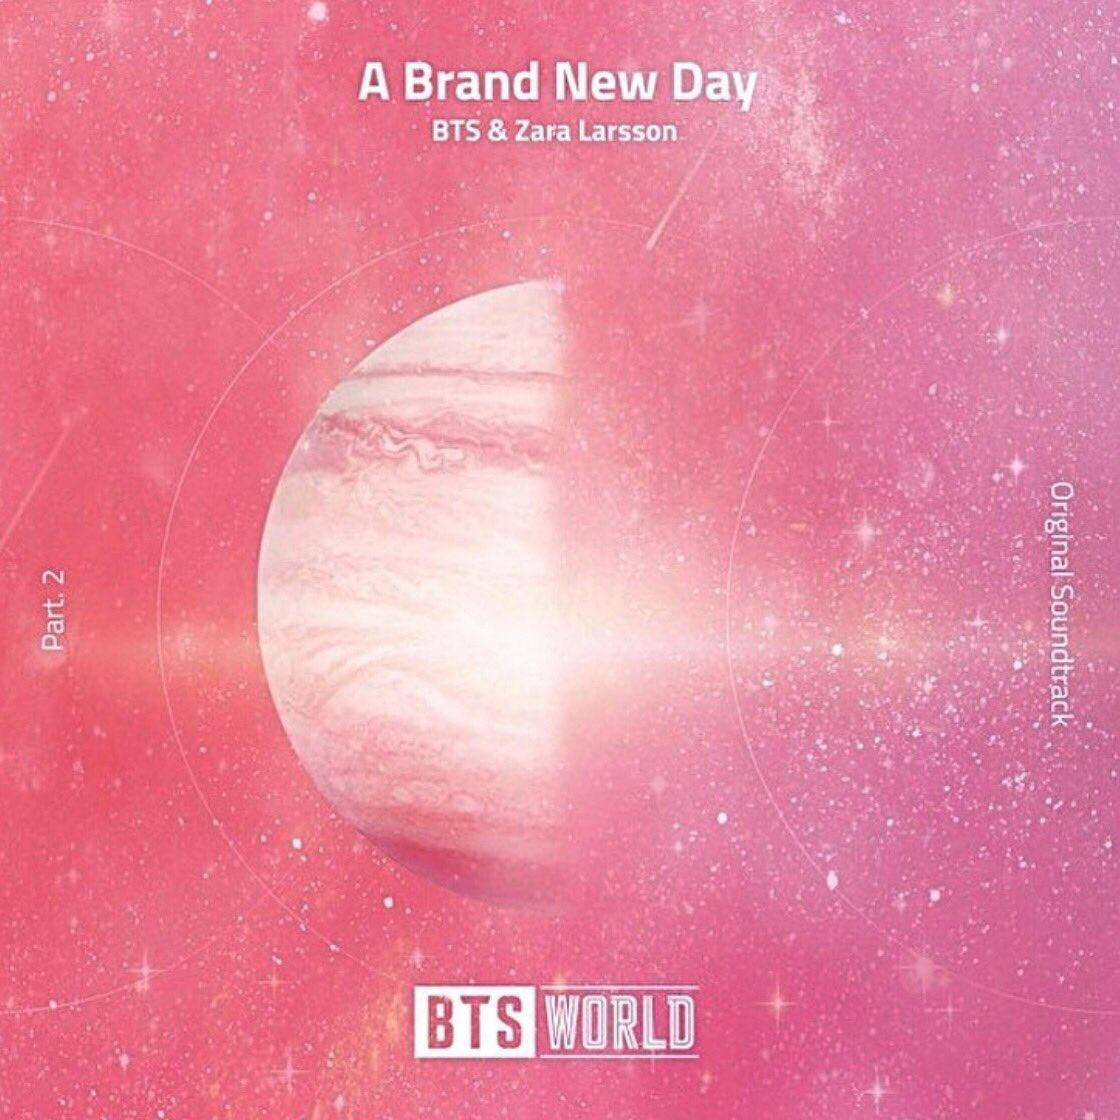 Dalam lagu #ABrandNewDay milik V & J-Hope @BTS_twt + @zaralarsson, kita bisa mendengar bunyi alat musik tradisional Korea, yaitu sejenis suling bambu bernama Daeguem (대금) dalam aransemen yang dibuat @mura_masa_ Dari 1-10, berapa nilai lagu ini menurutmu? #VOPE Cr: @choi_bts2